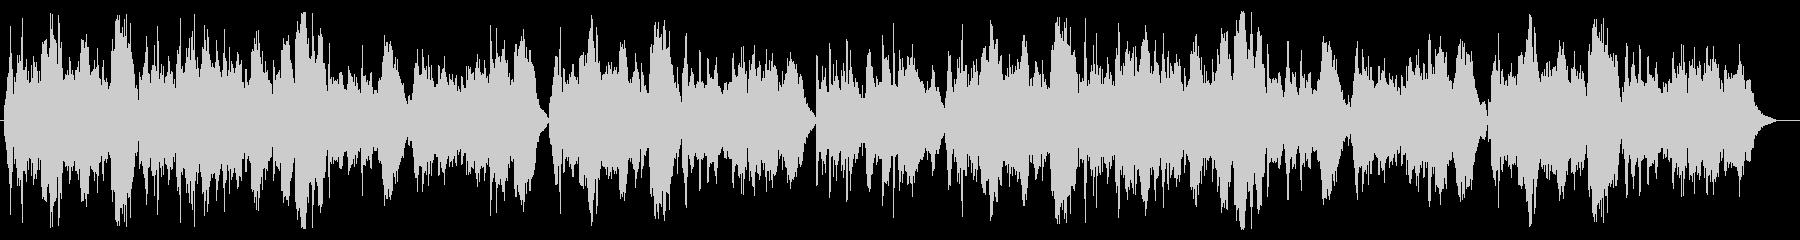 チェロとピアノの抒情的な挿入歌の未再生の波形